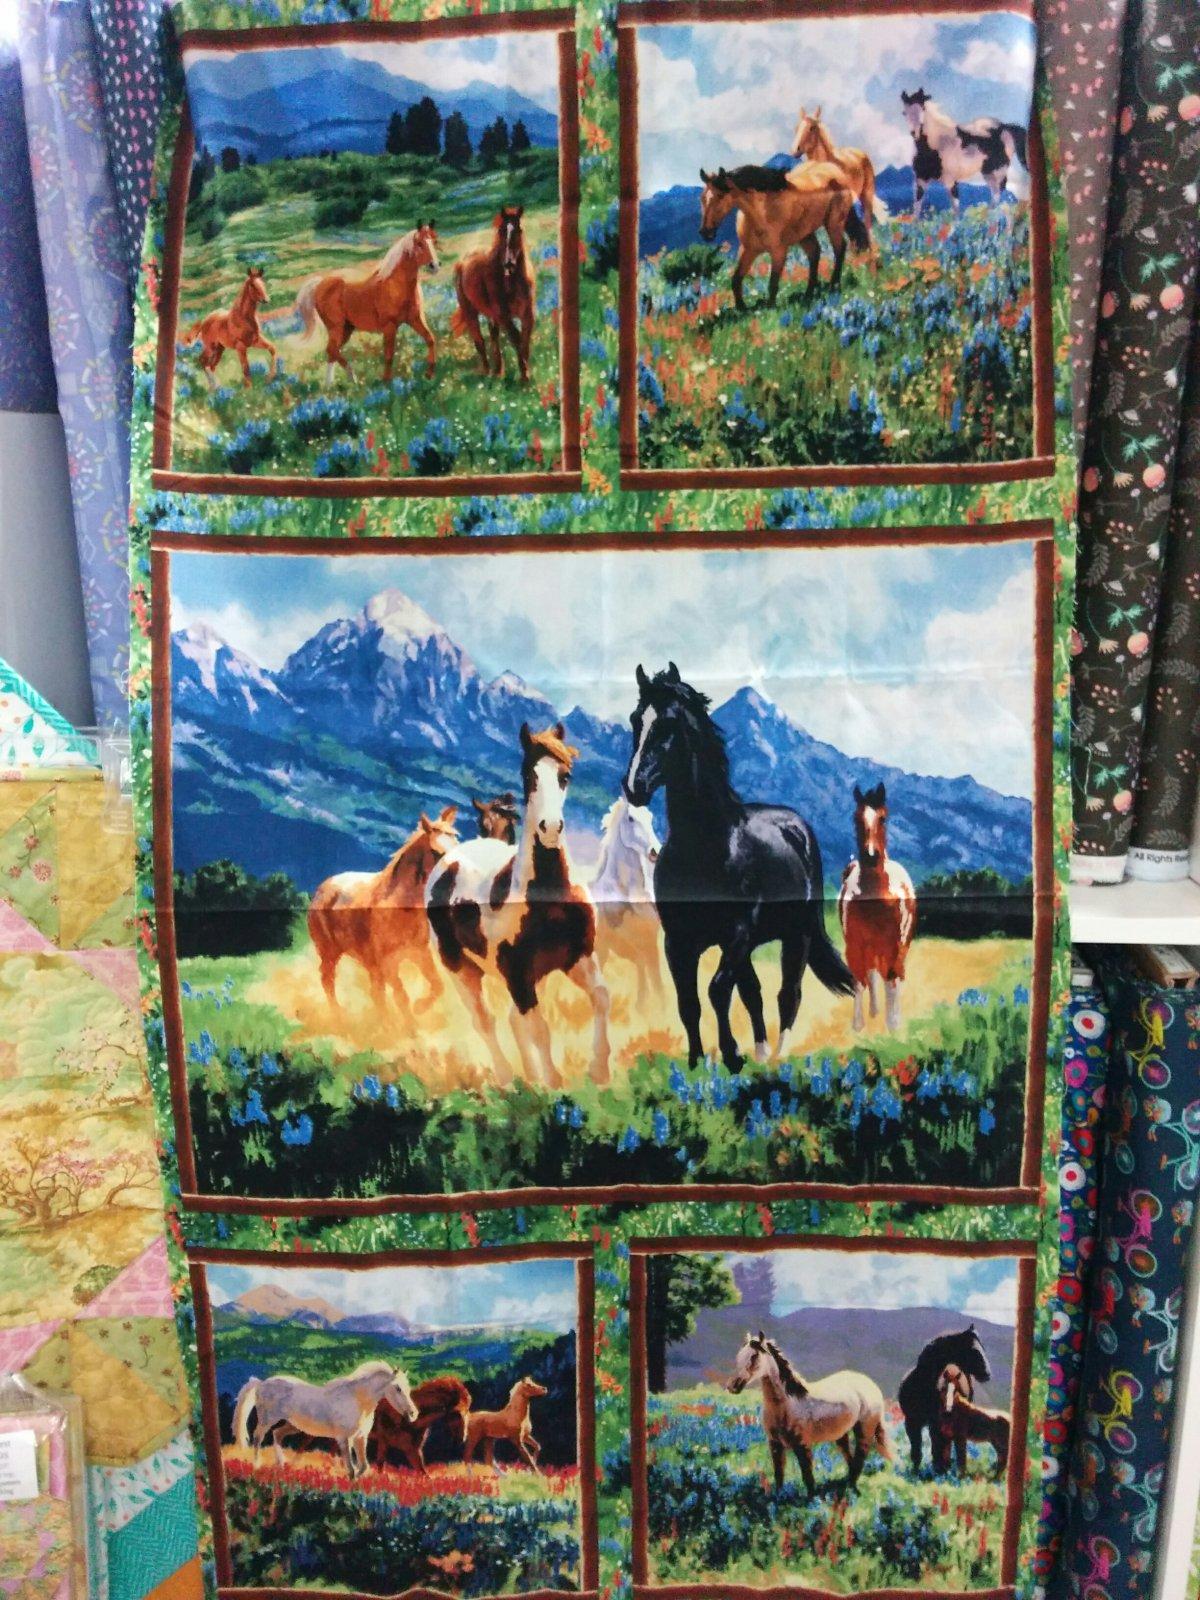 Panel#194 - Wild in Bloom  - Horses